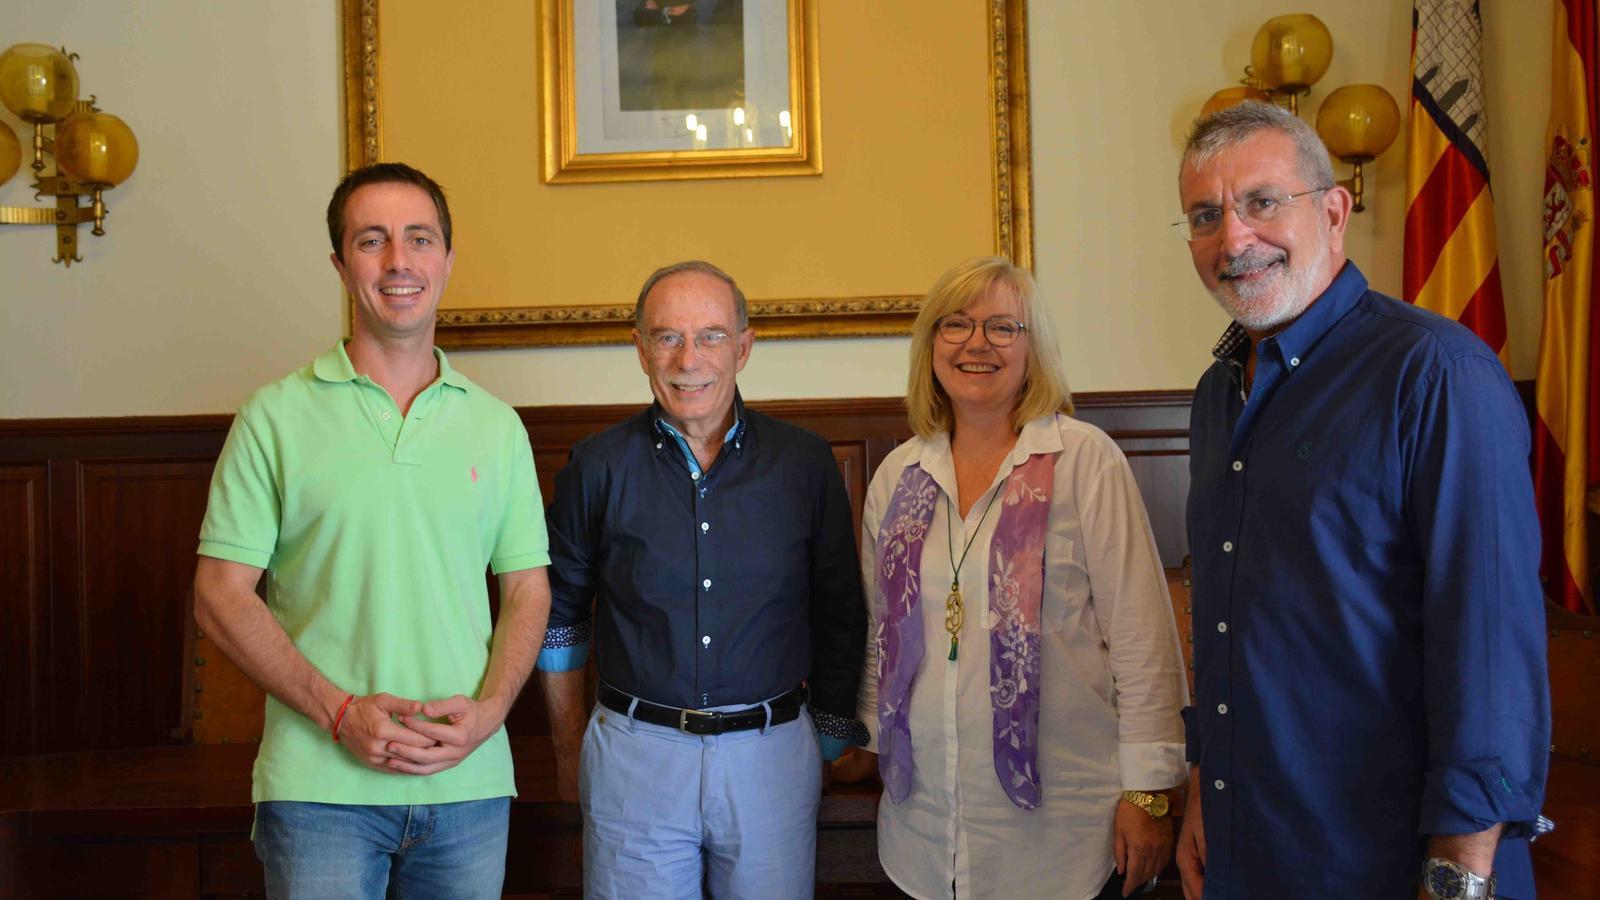 El batle de Santanyí, Llorenç Galmés;  Antoni Vidal Ferrando;  la regidora de Cultura de Santanyí, Ricarda Vicens, i el Delegat de Cultura, Damià Rigo.